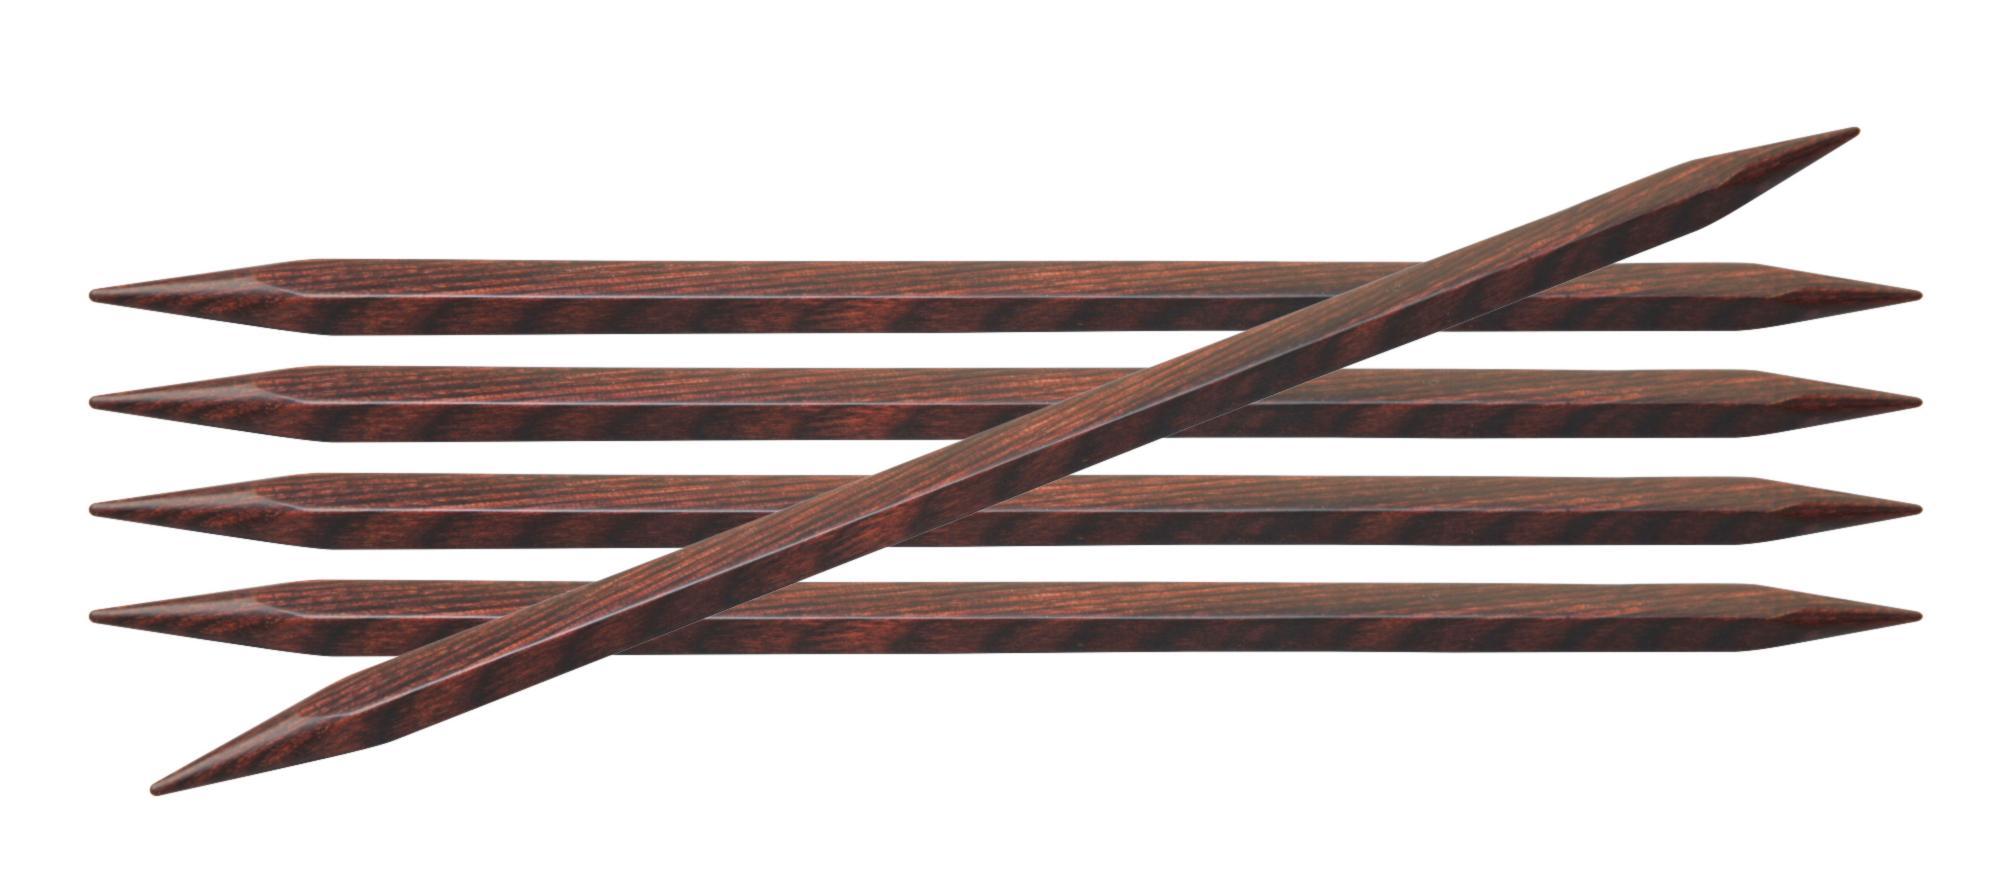 Спицы носочные 20 см Cubics Symfonie-Rose KnitPro, 25112, 4.00 мм